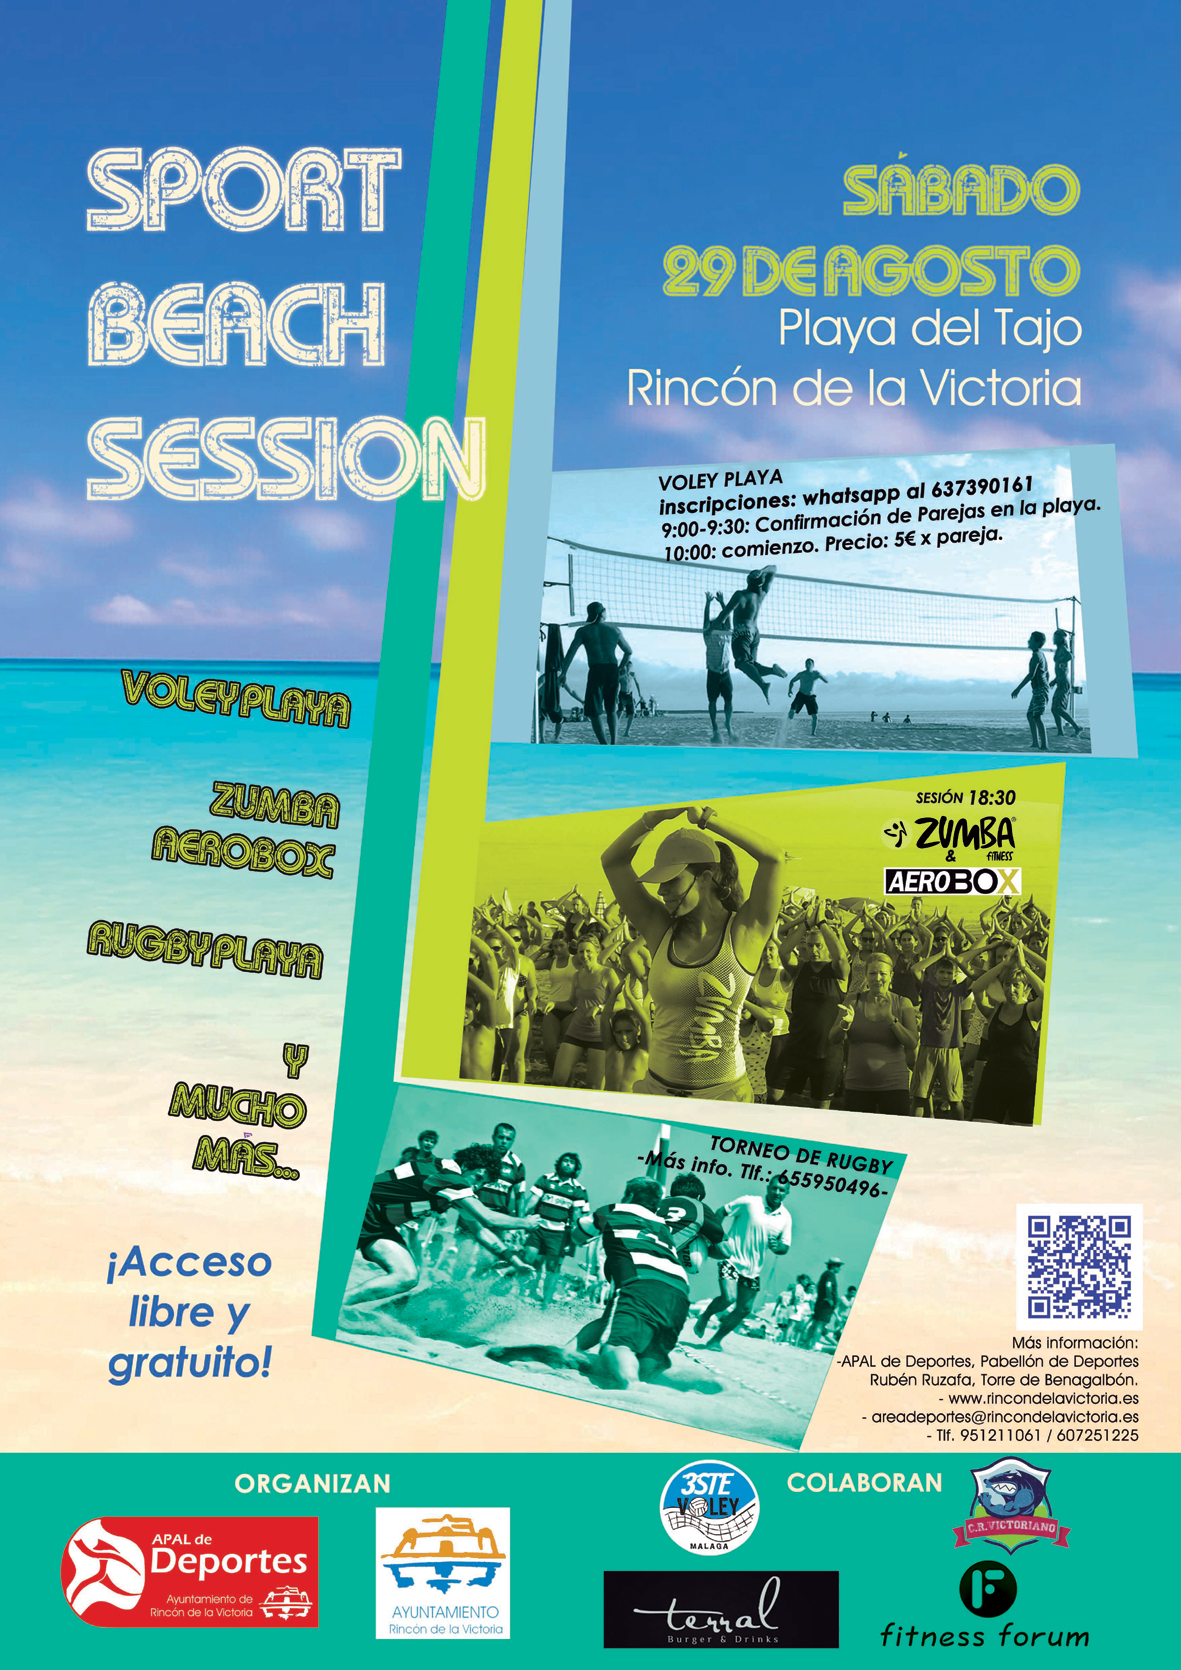 Arrinconados Sport Beach Session